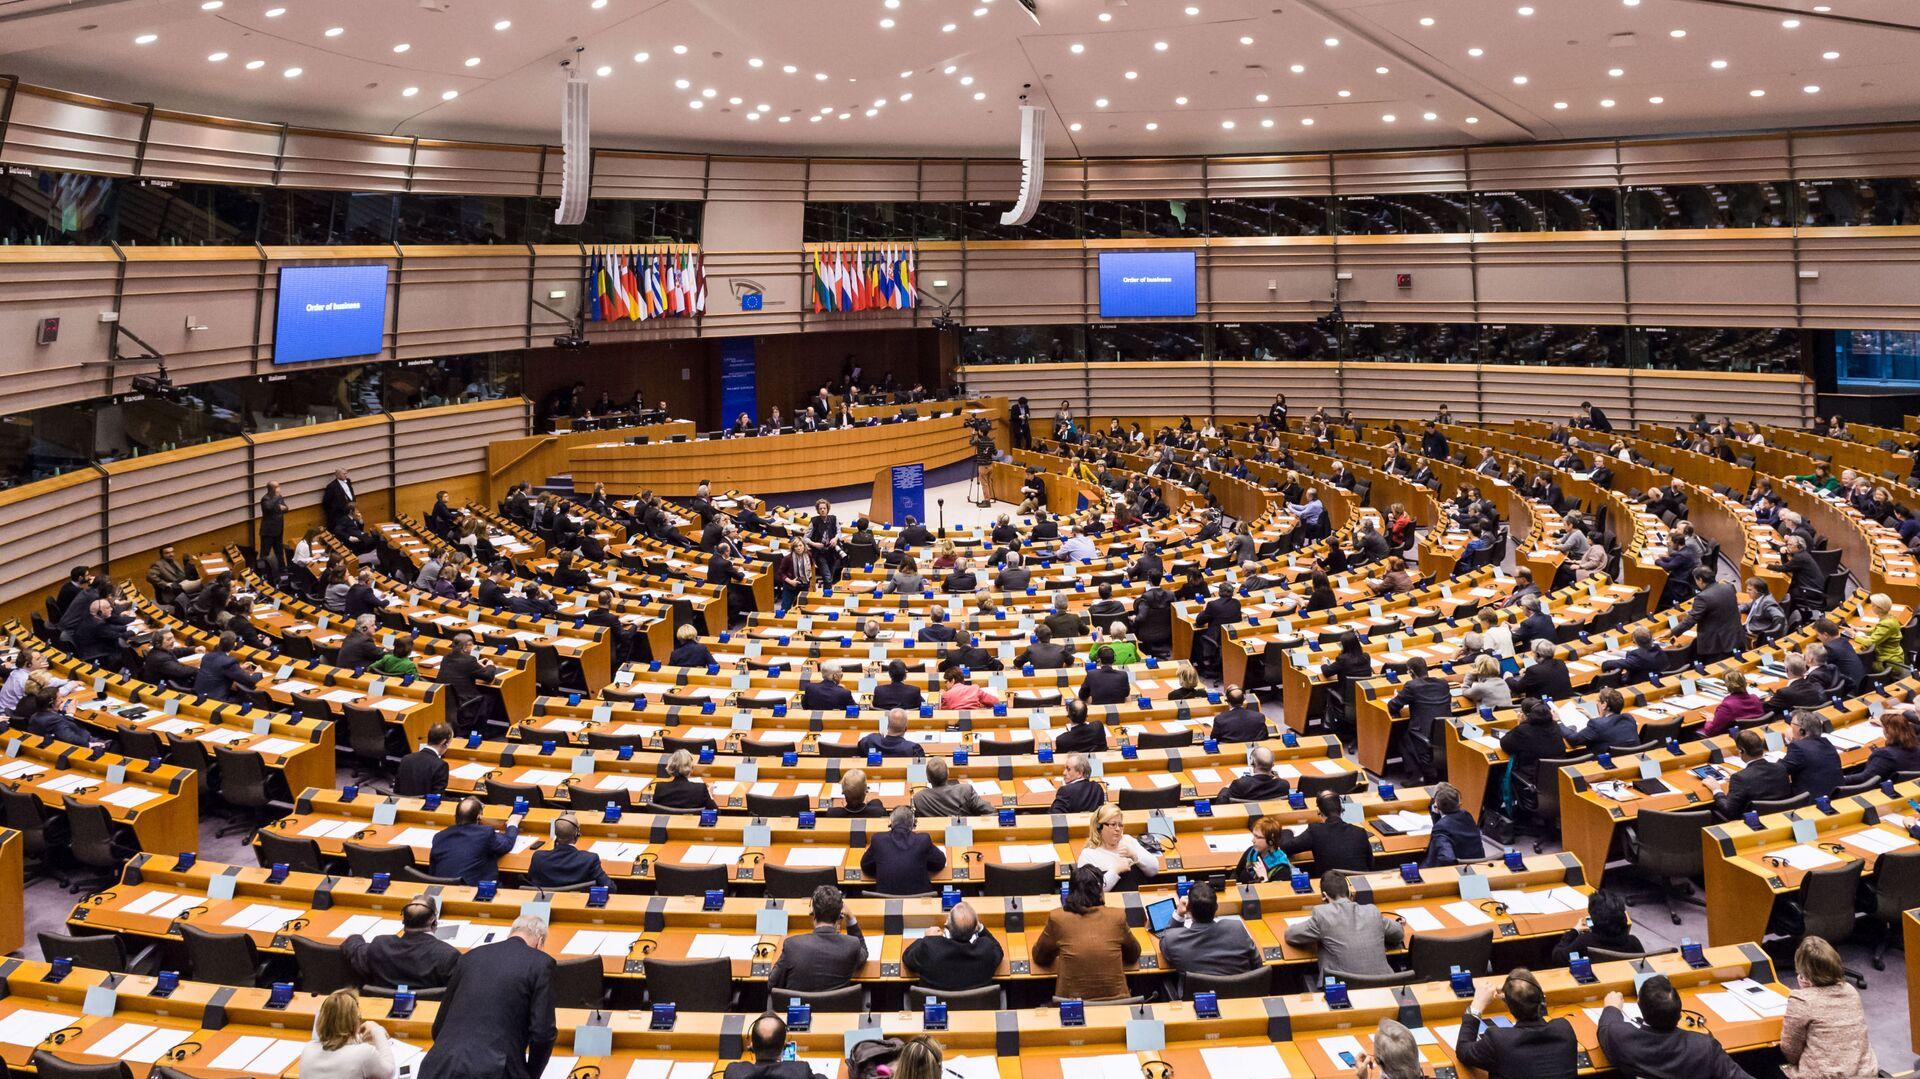 La riunione del Parlamento Europeo a Bruxelles - Sputnik Italia, 1920, 13.08.2021